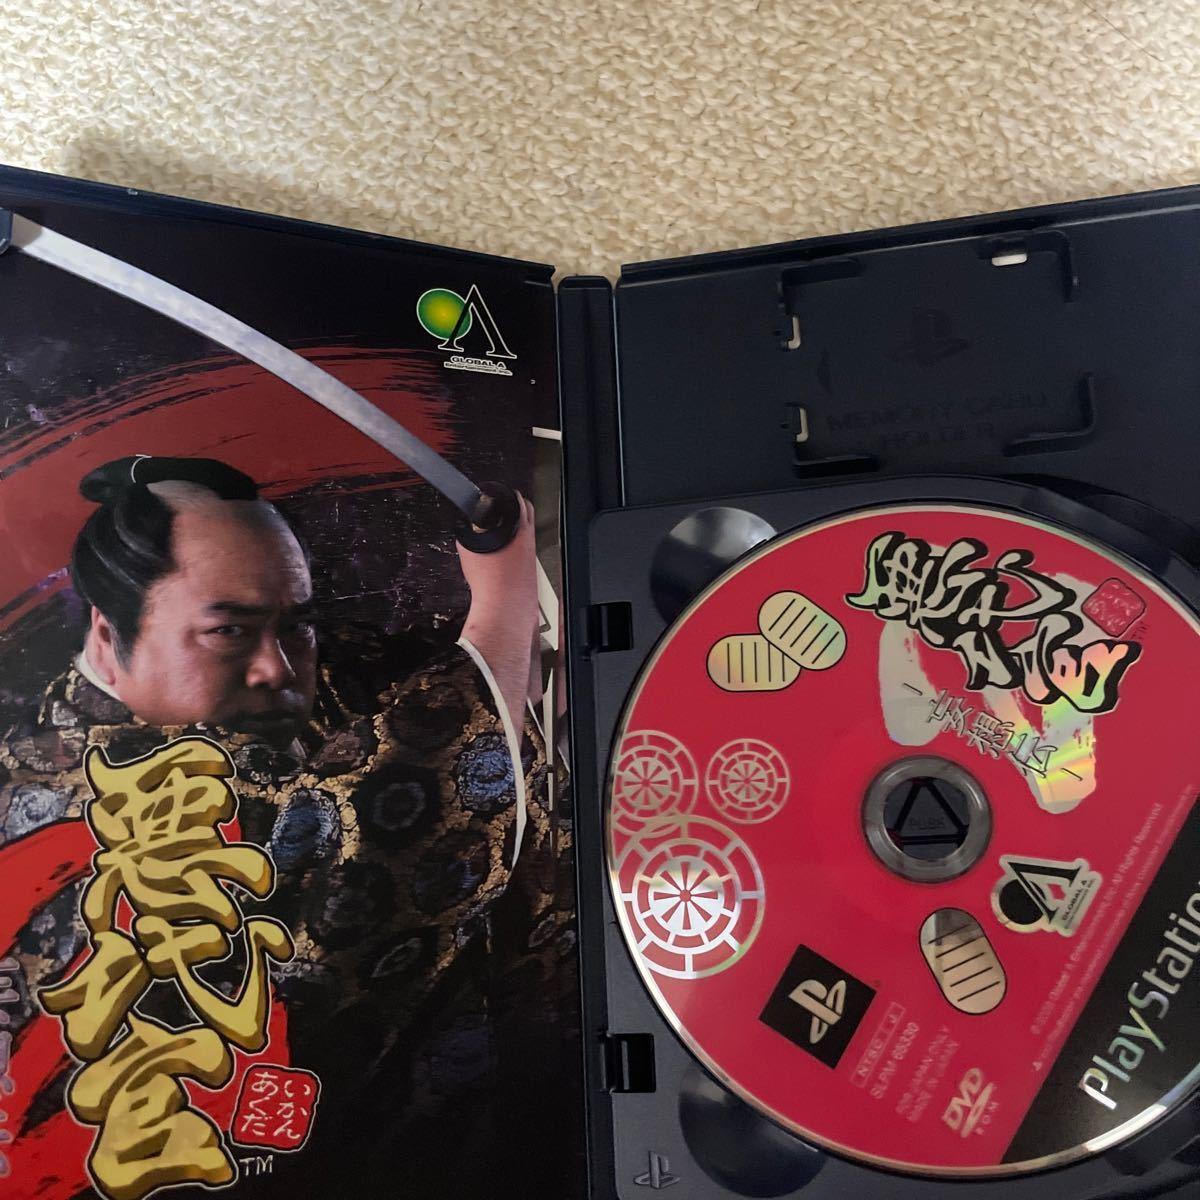 PS2 PS2ソフト PlayStation2 プレイステーション2 悪代官 懐かしい